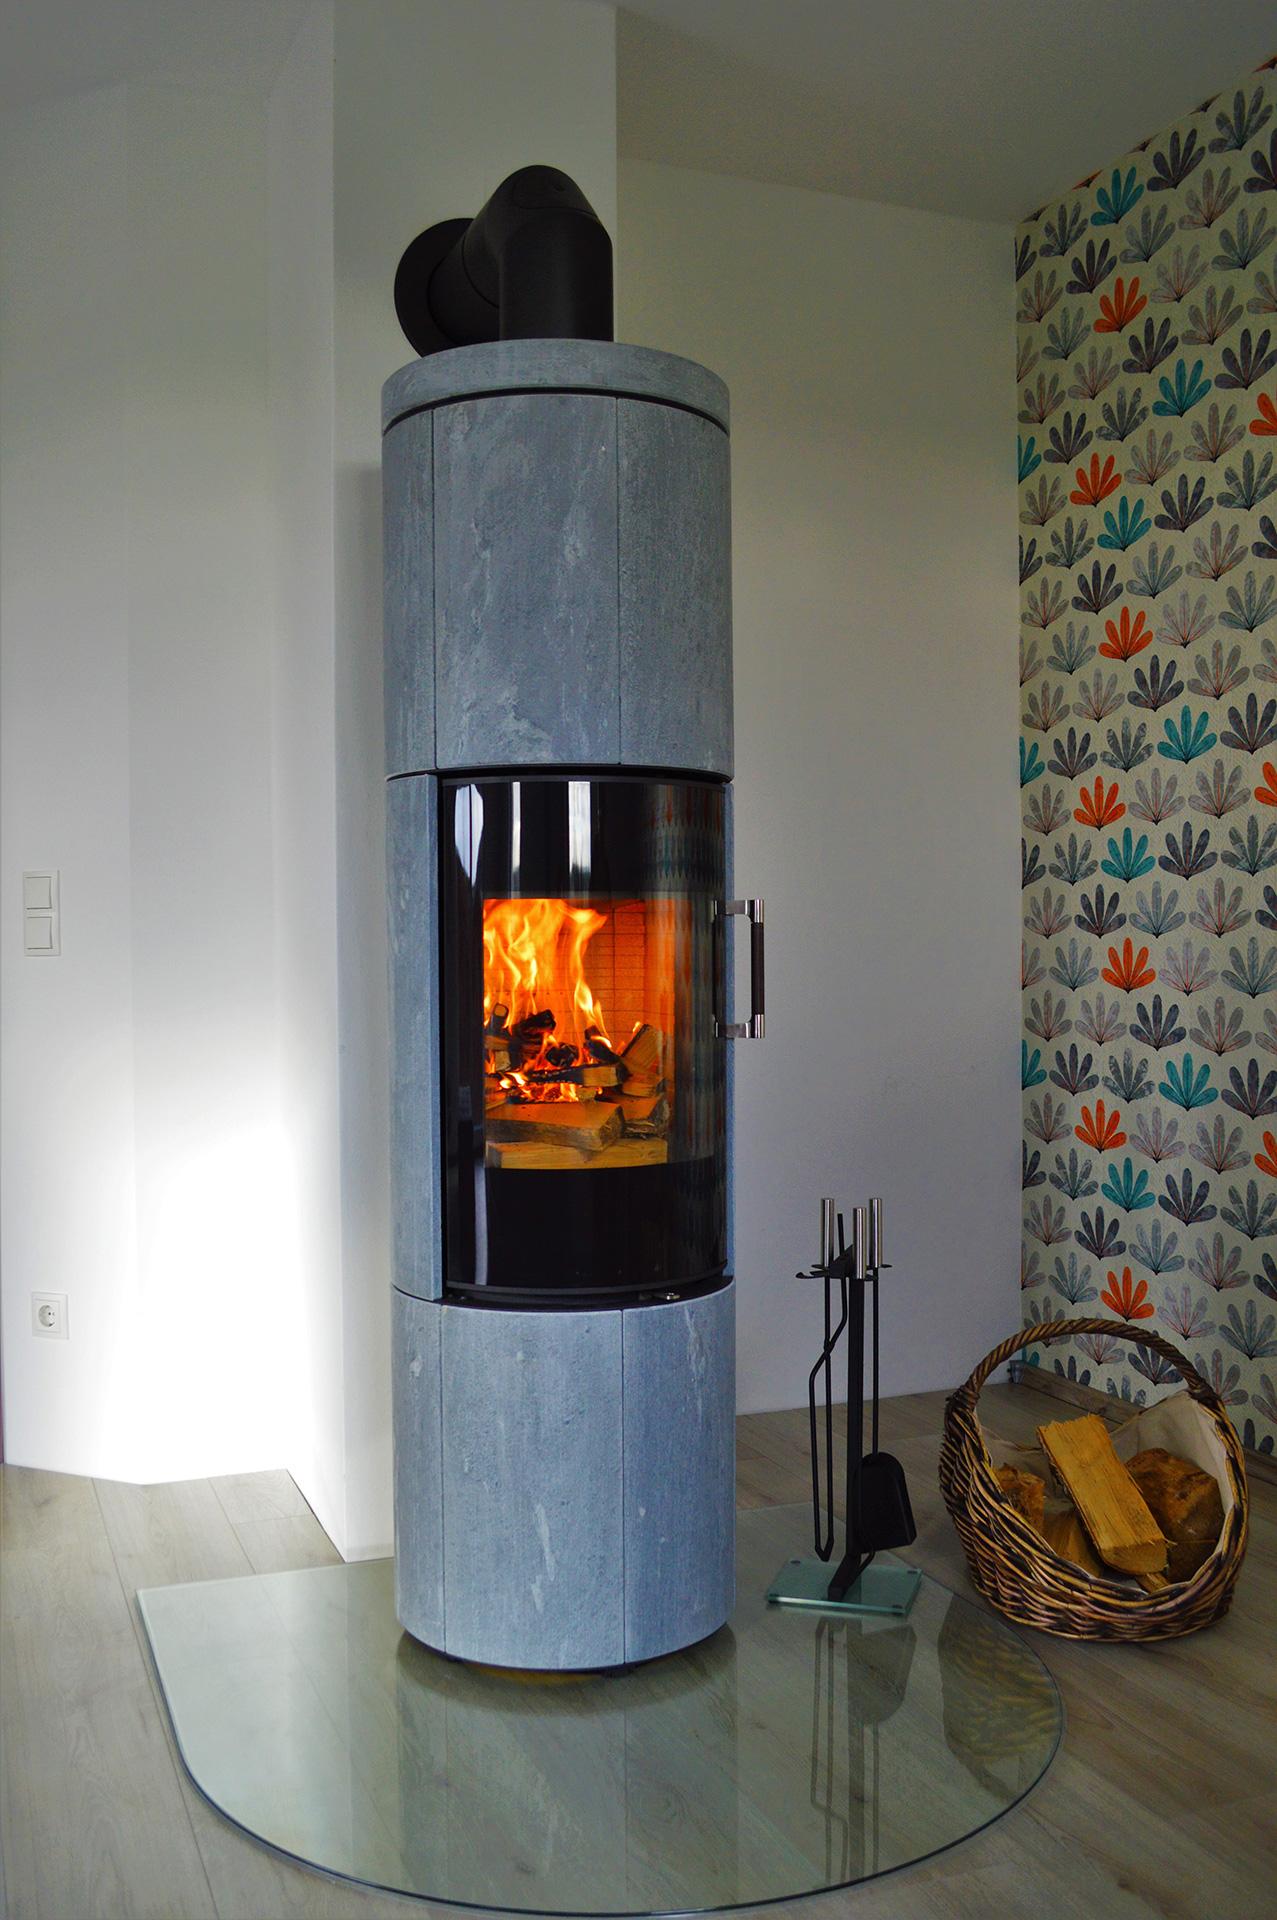 Referenz Ofen- und Kaminbau, Bild 0400